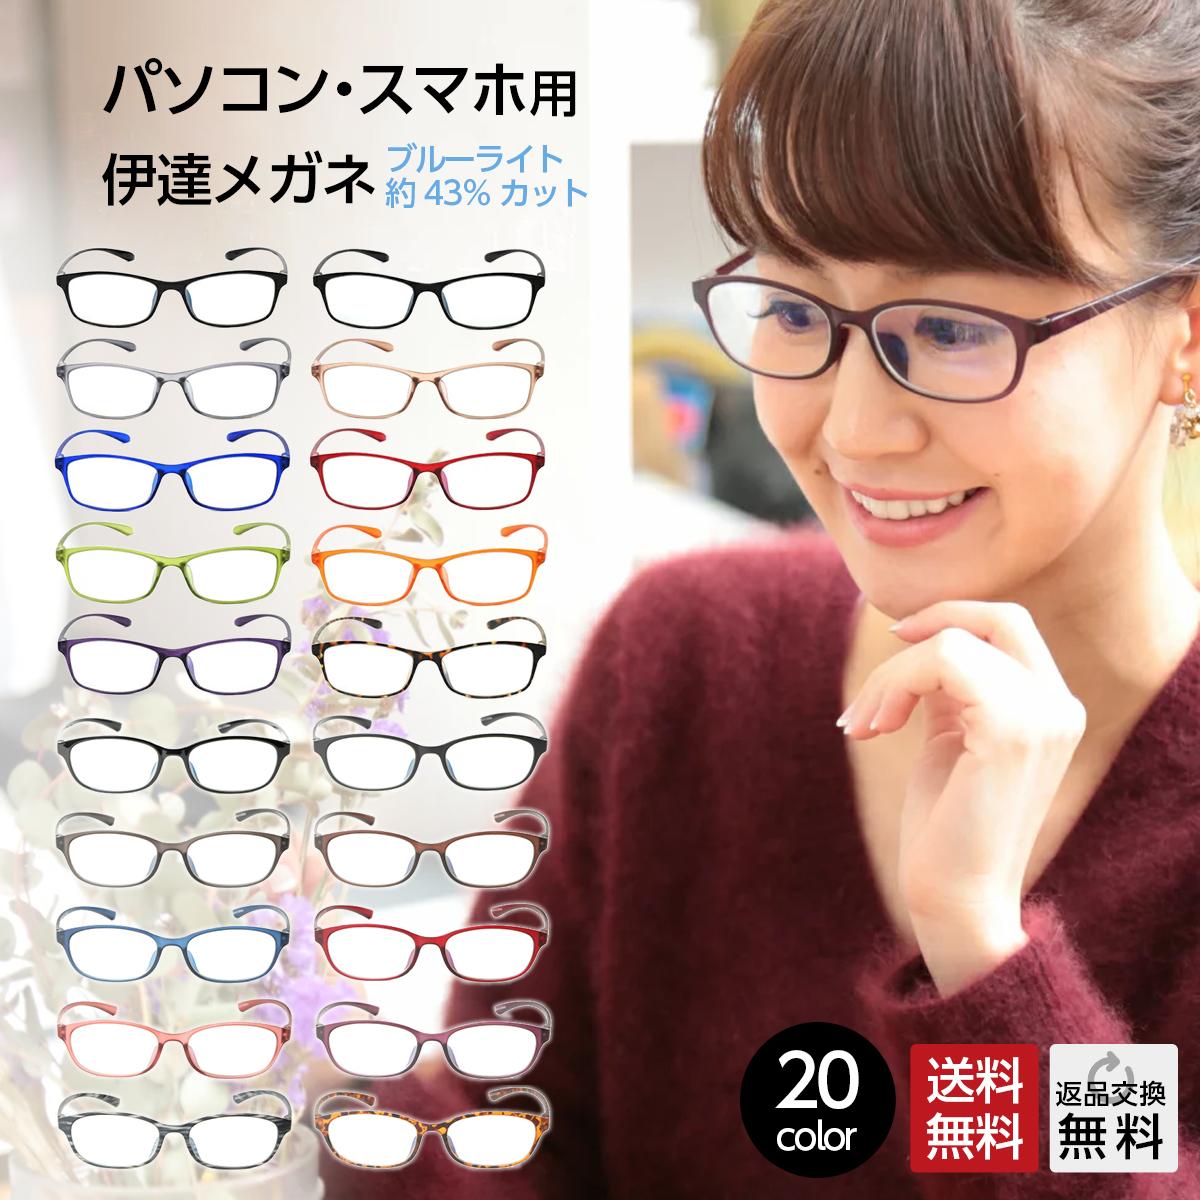 伊達メガネ ブルーライトカット43% 紫外線カット99% 超軽量 PCメガネ 軽すぎて羽のようなかけ心地 男性用 女性用 子供 ボーイ ガール メンズ レディース キッズ おしゃれ 全20カラー 眼鏡 青色光カット パソコンメガネ